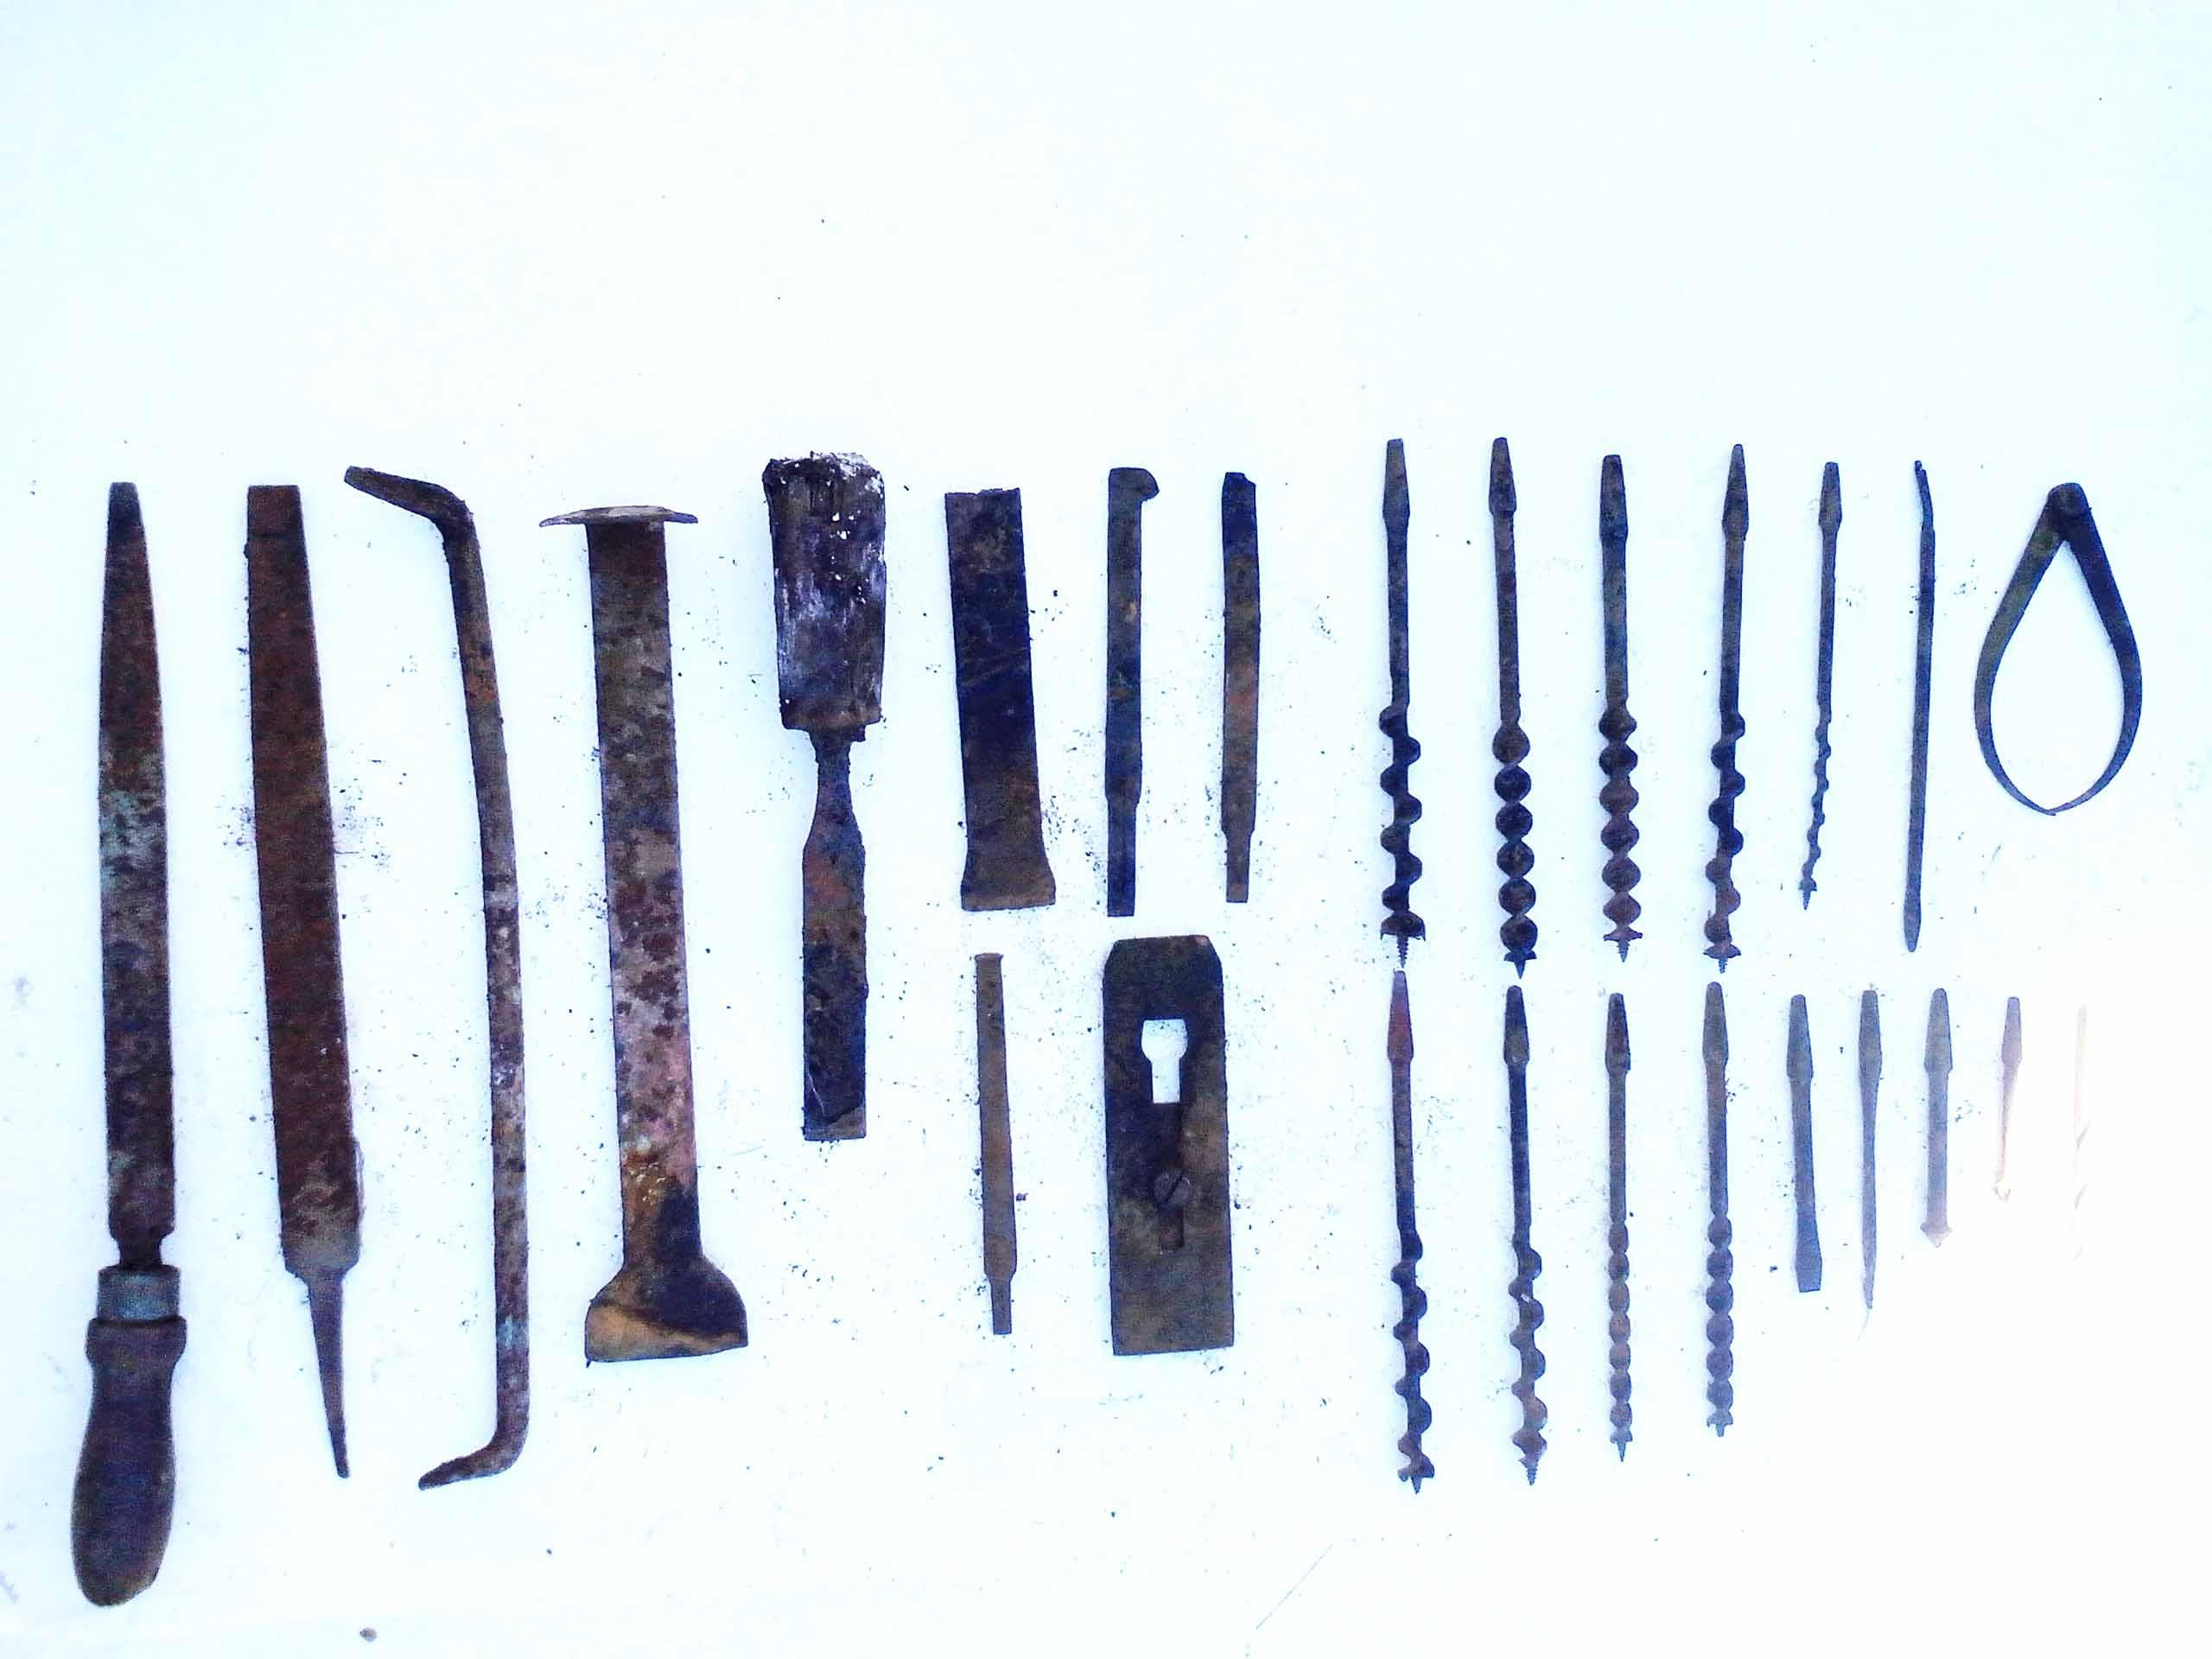 Εργαλεία μαραγκου-καραβομαραγκού, (τριπάνια, σκεπάρνια, σκαρπέλα)